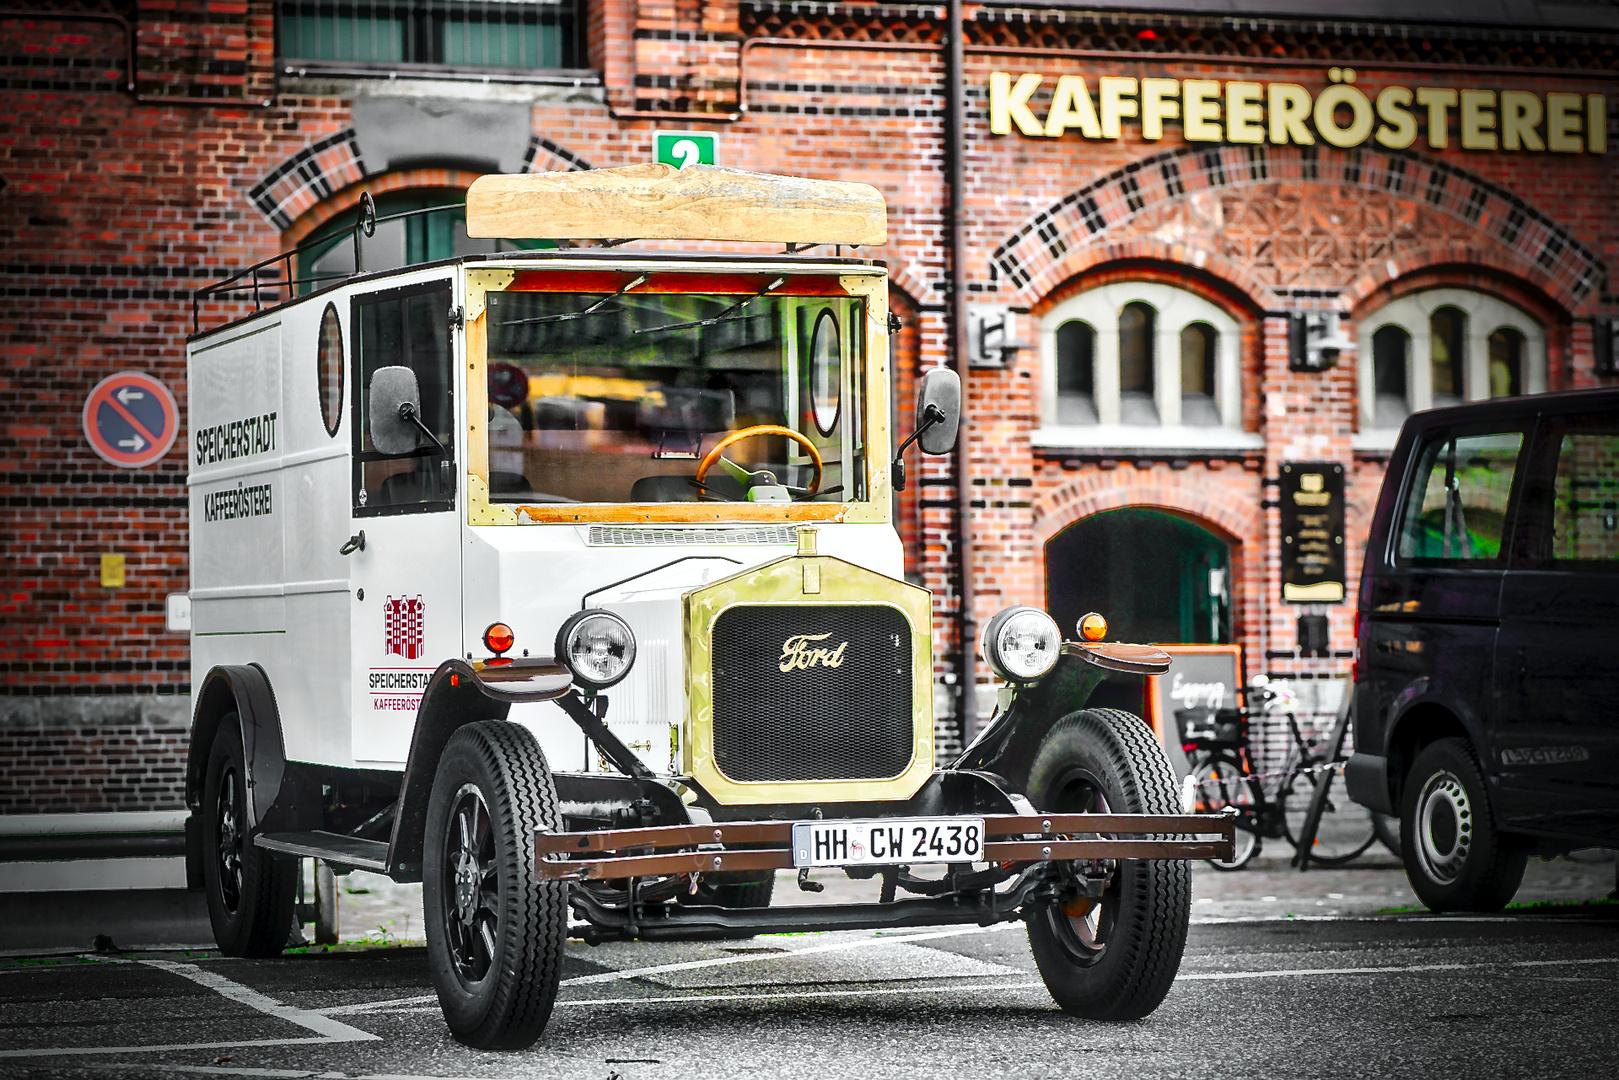 .....ein glänzendes KaffeeMobile.... der Kaffeerösterei in der Speicherstadt...